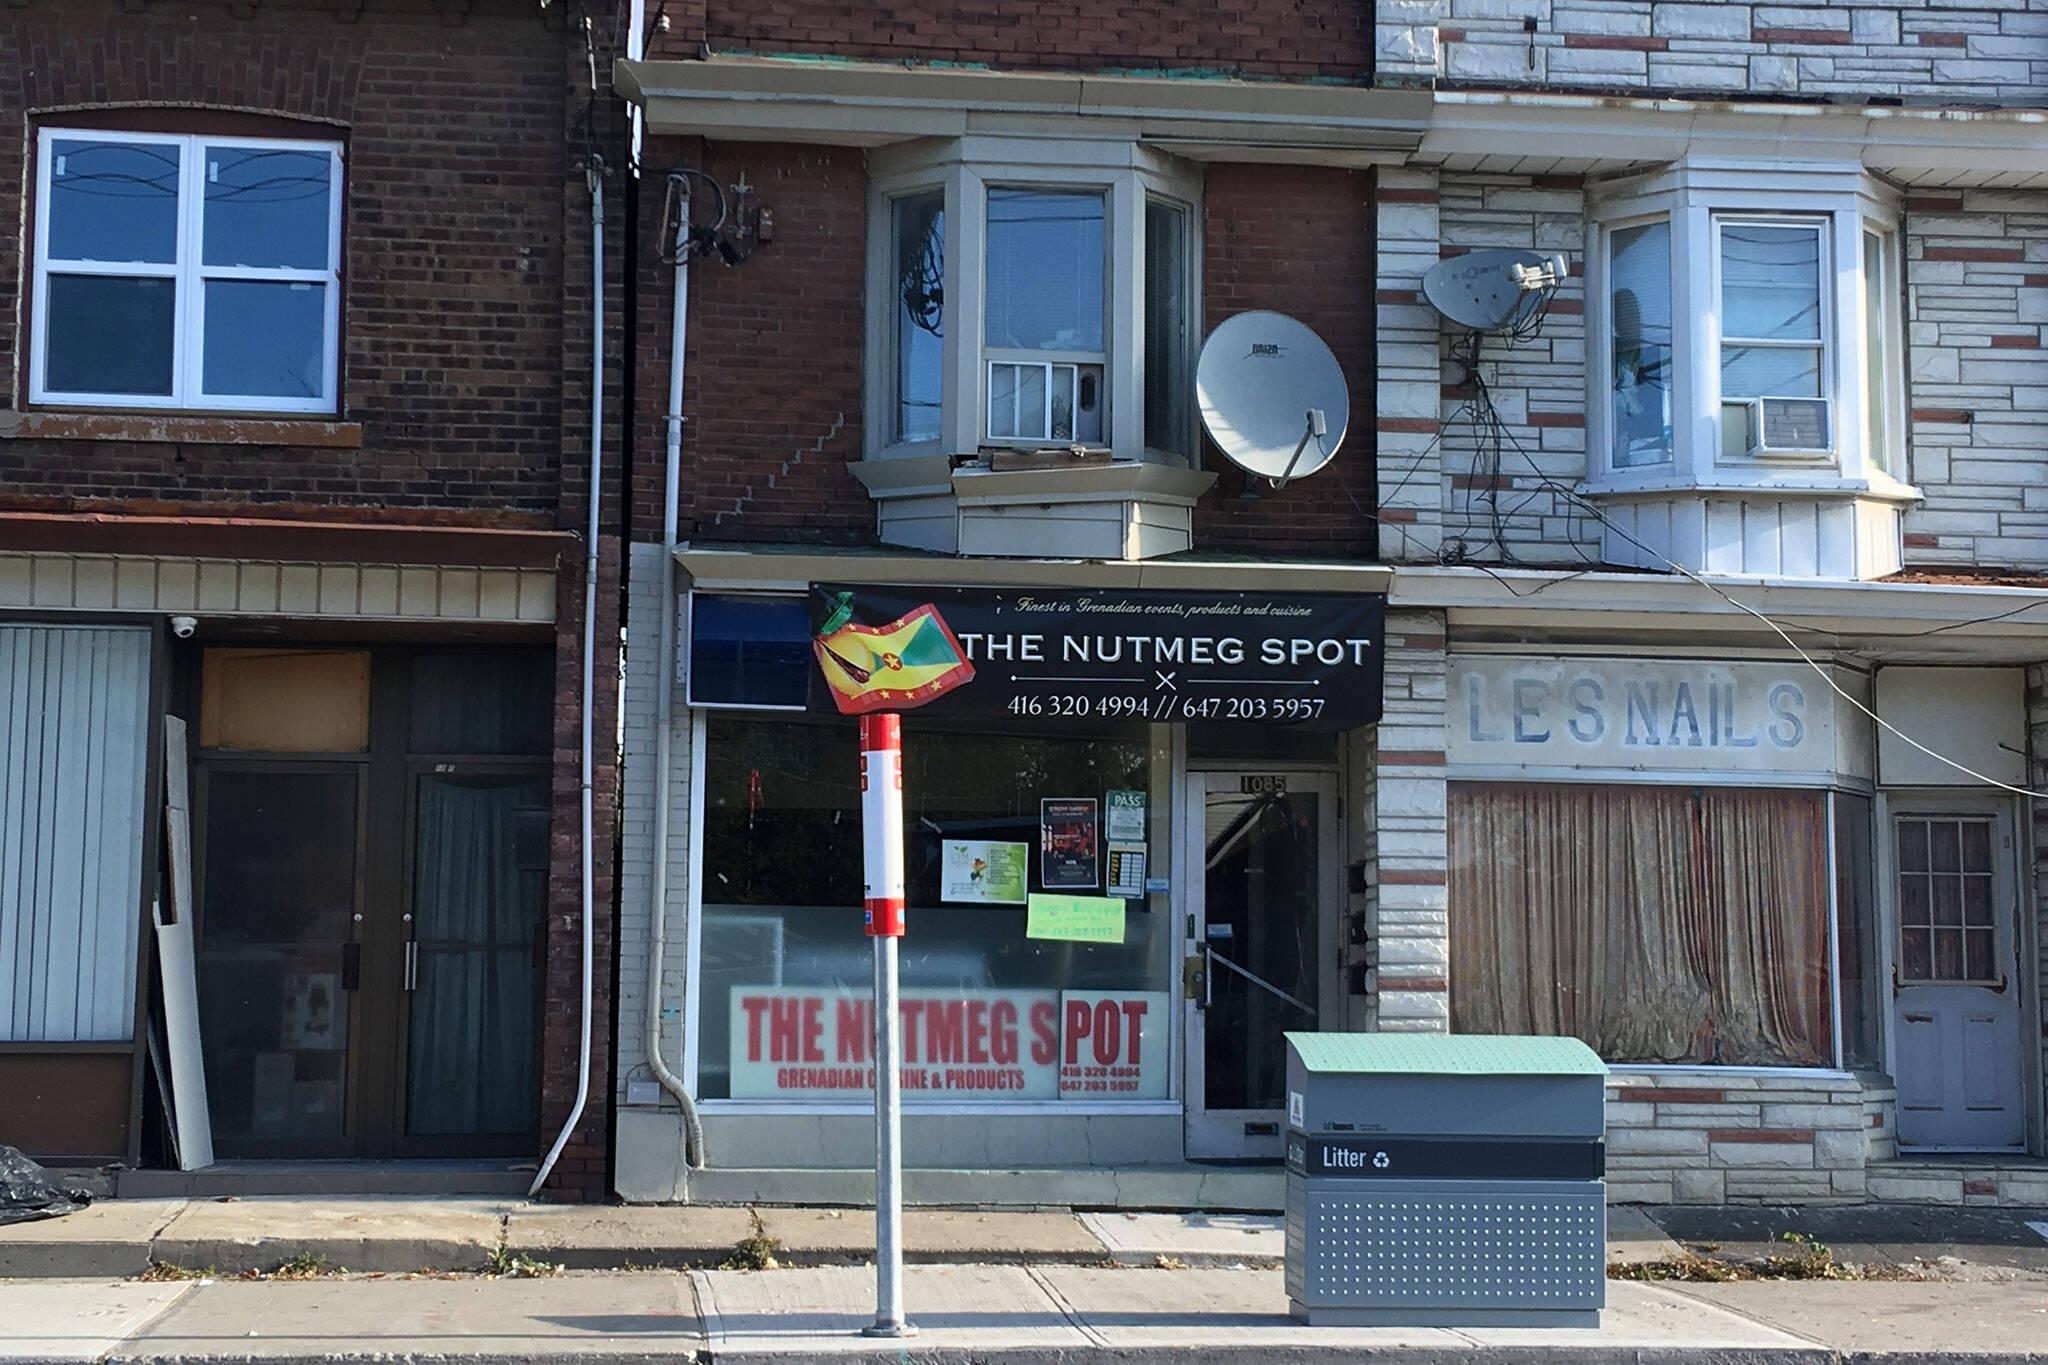 Nutmeg Spot Toronto